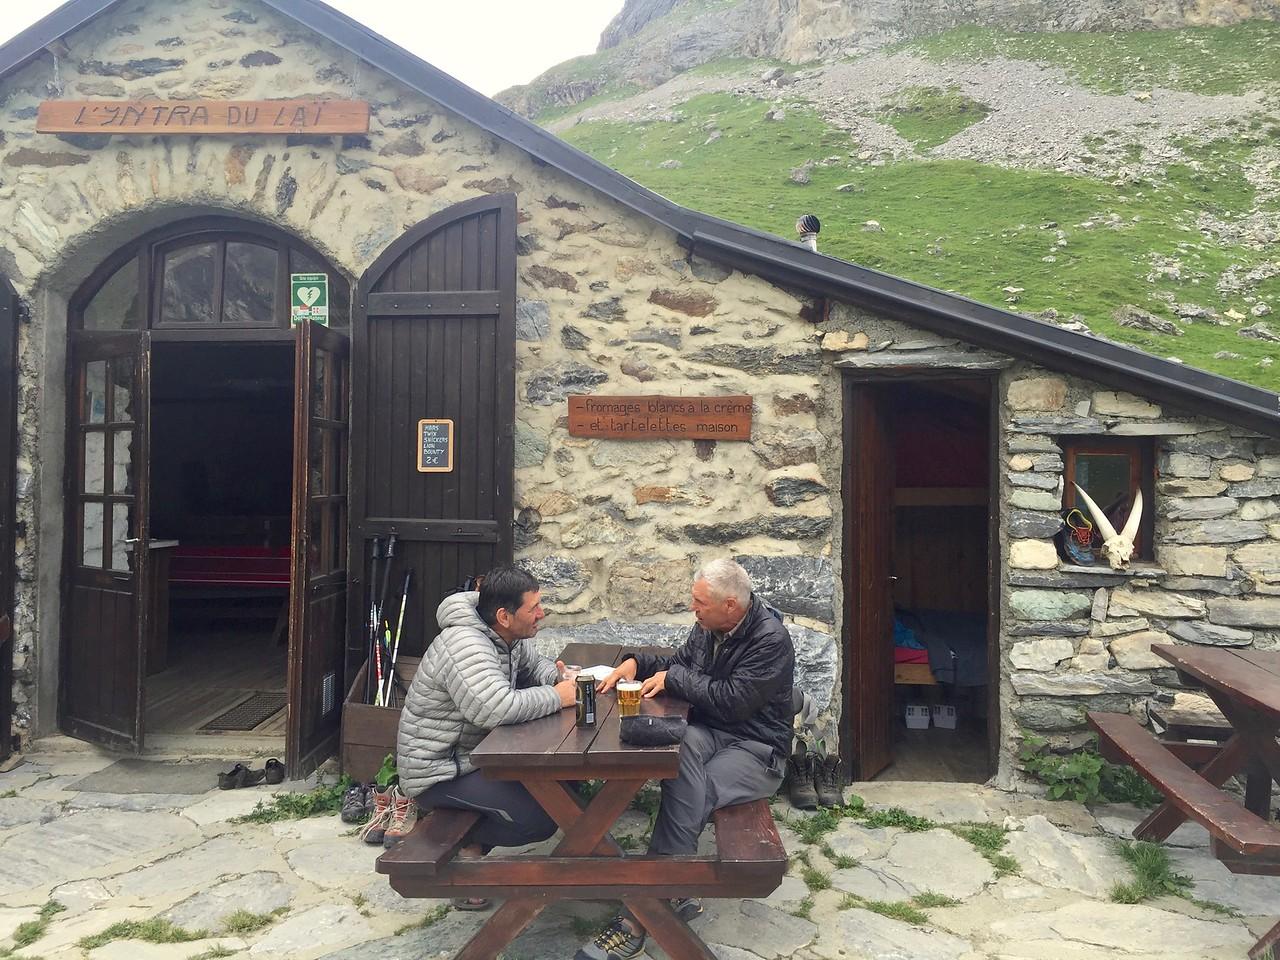 Michel & Doug at Refuge d'Entre-le-Lac